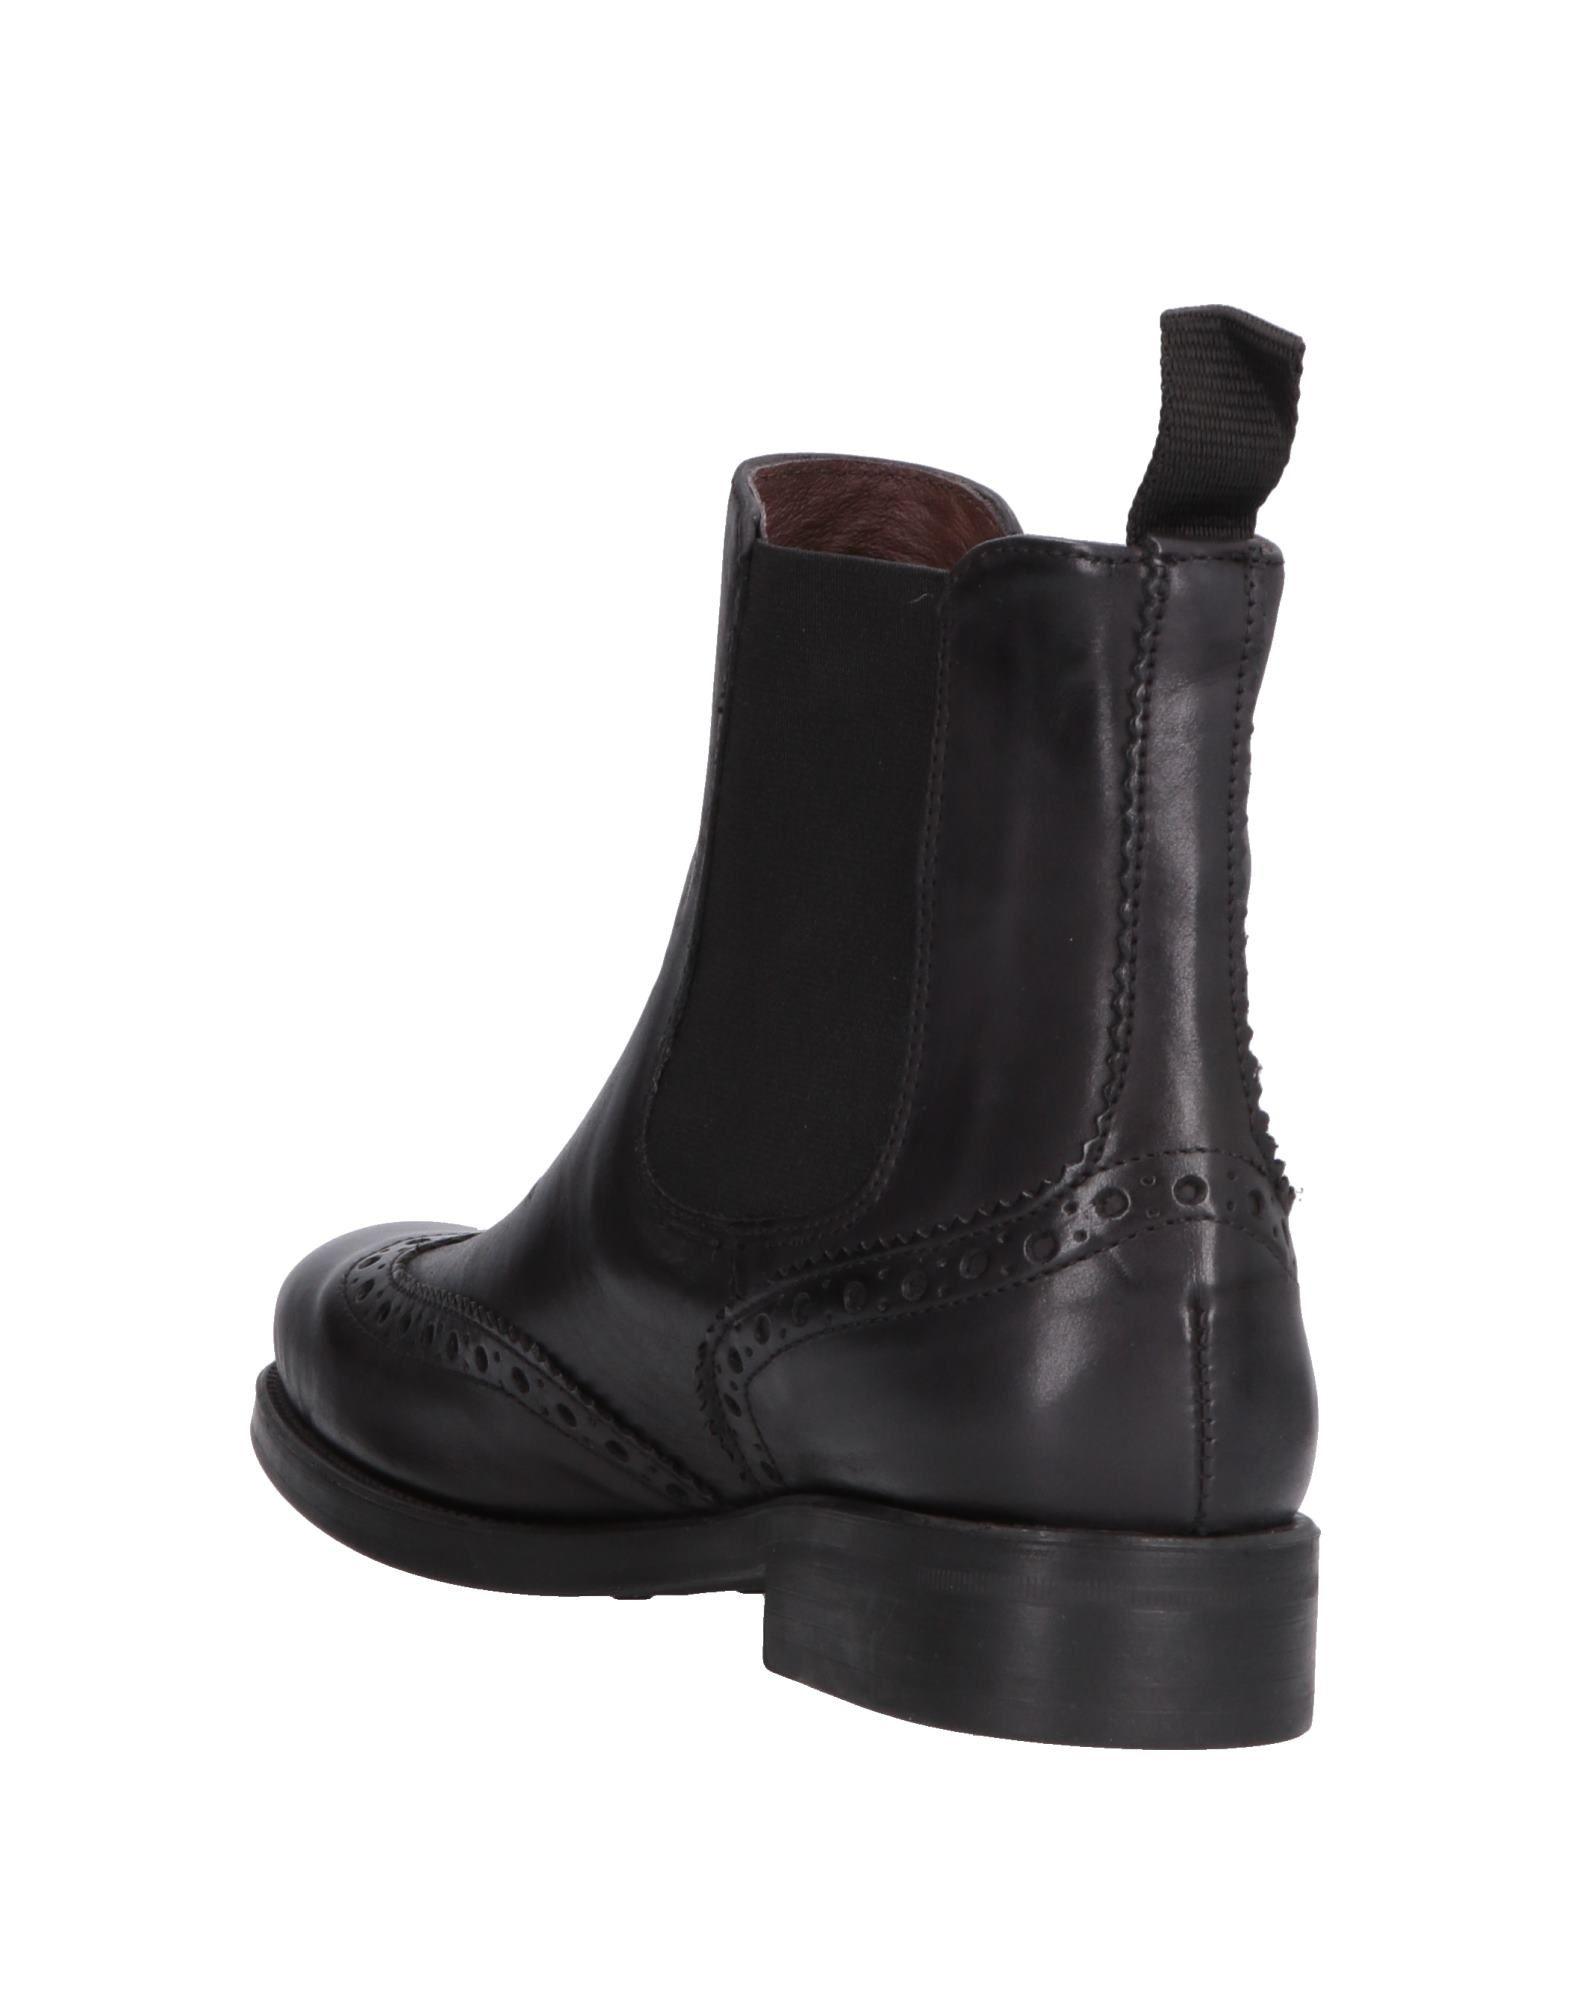 Boemos Chelsea Stiefel Damen Qualität 11577281JG Gute Qualität Damen beliebte Schuhe acaf50